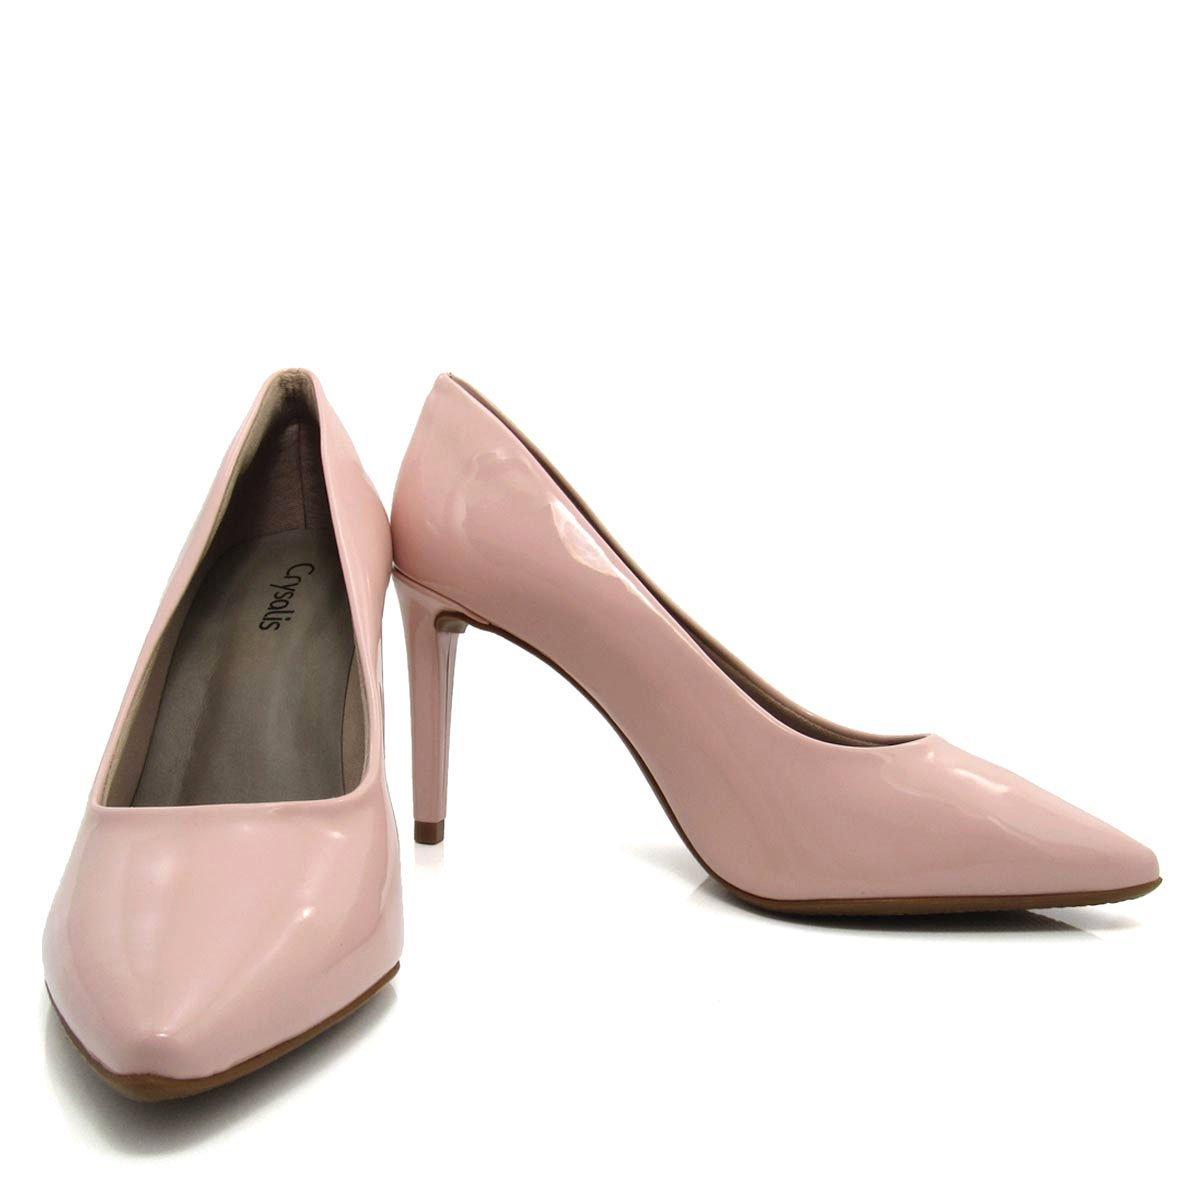 Sapato Bico Rosa Scarpin fino Sapato Feminino Scarpin Crysalis 0Xwq5